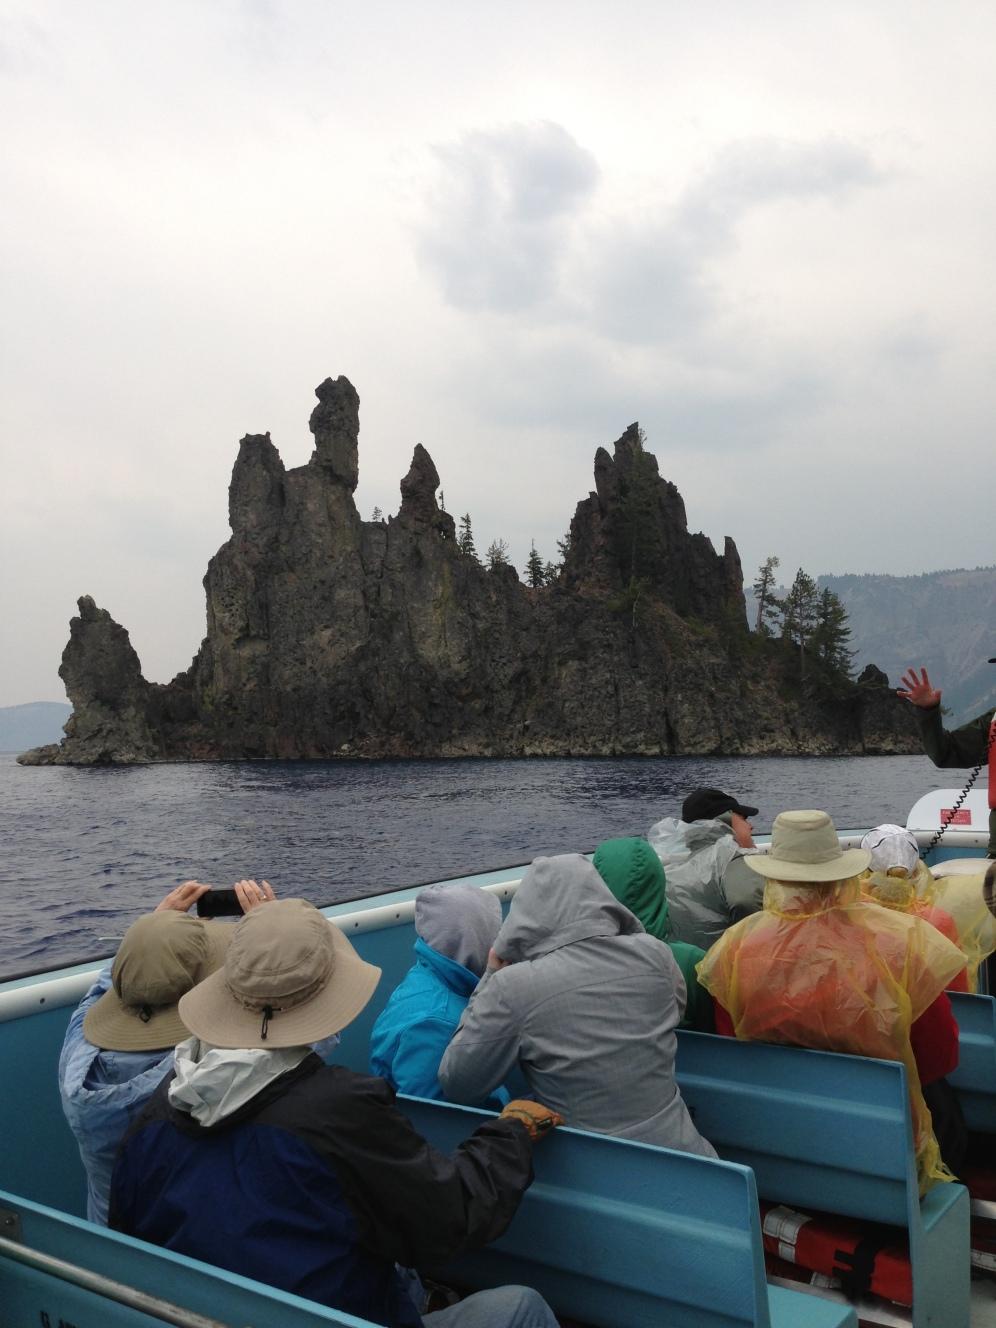 """Bu resimde gördüğünüz kayalıklar aslında bir """"hayalet gemi""""yi oluşturan birer parça. Bize Crater Lake'i (Krater Gölü) gezdiren kaptanımız böyle tanıtıyor bu kayalıkları. Kim bilir bu kayalıklara Phantom Ship (Hayalet Gemi) ismini kimler takmış. Bu görüntüye bakınca pek de haksız sayılmazlar aslında. Bu manzarayı gördükten sonra gölün etrafında bir gece kamp yapmaya var mısınız?"""